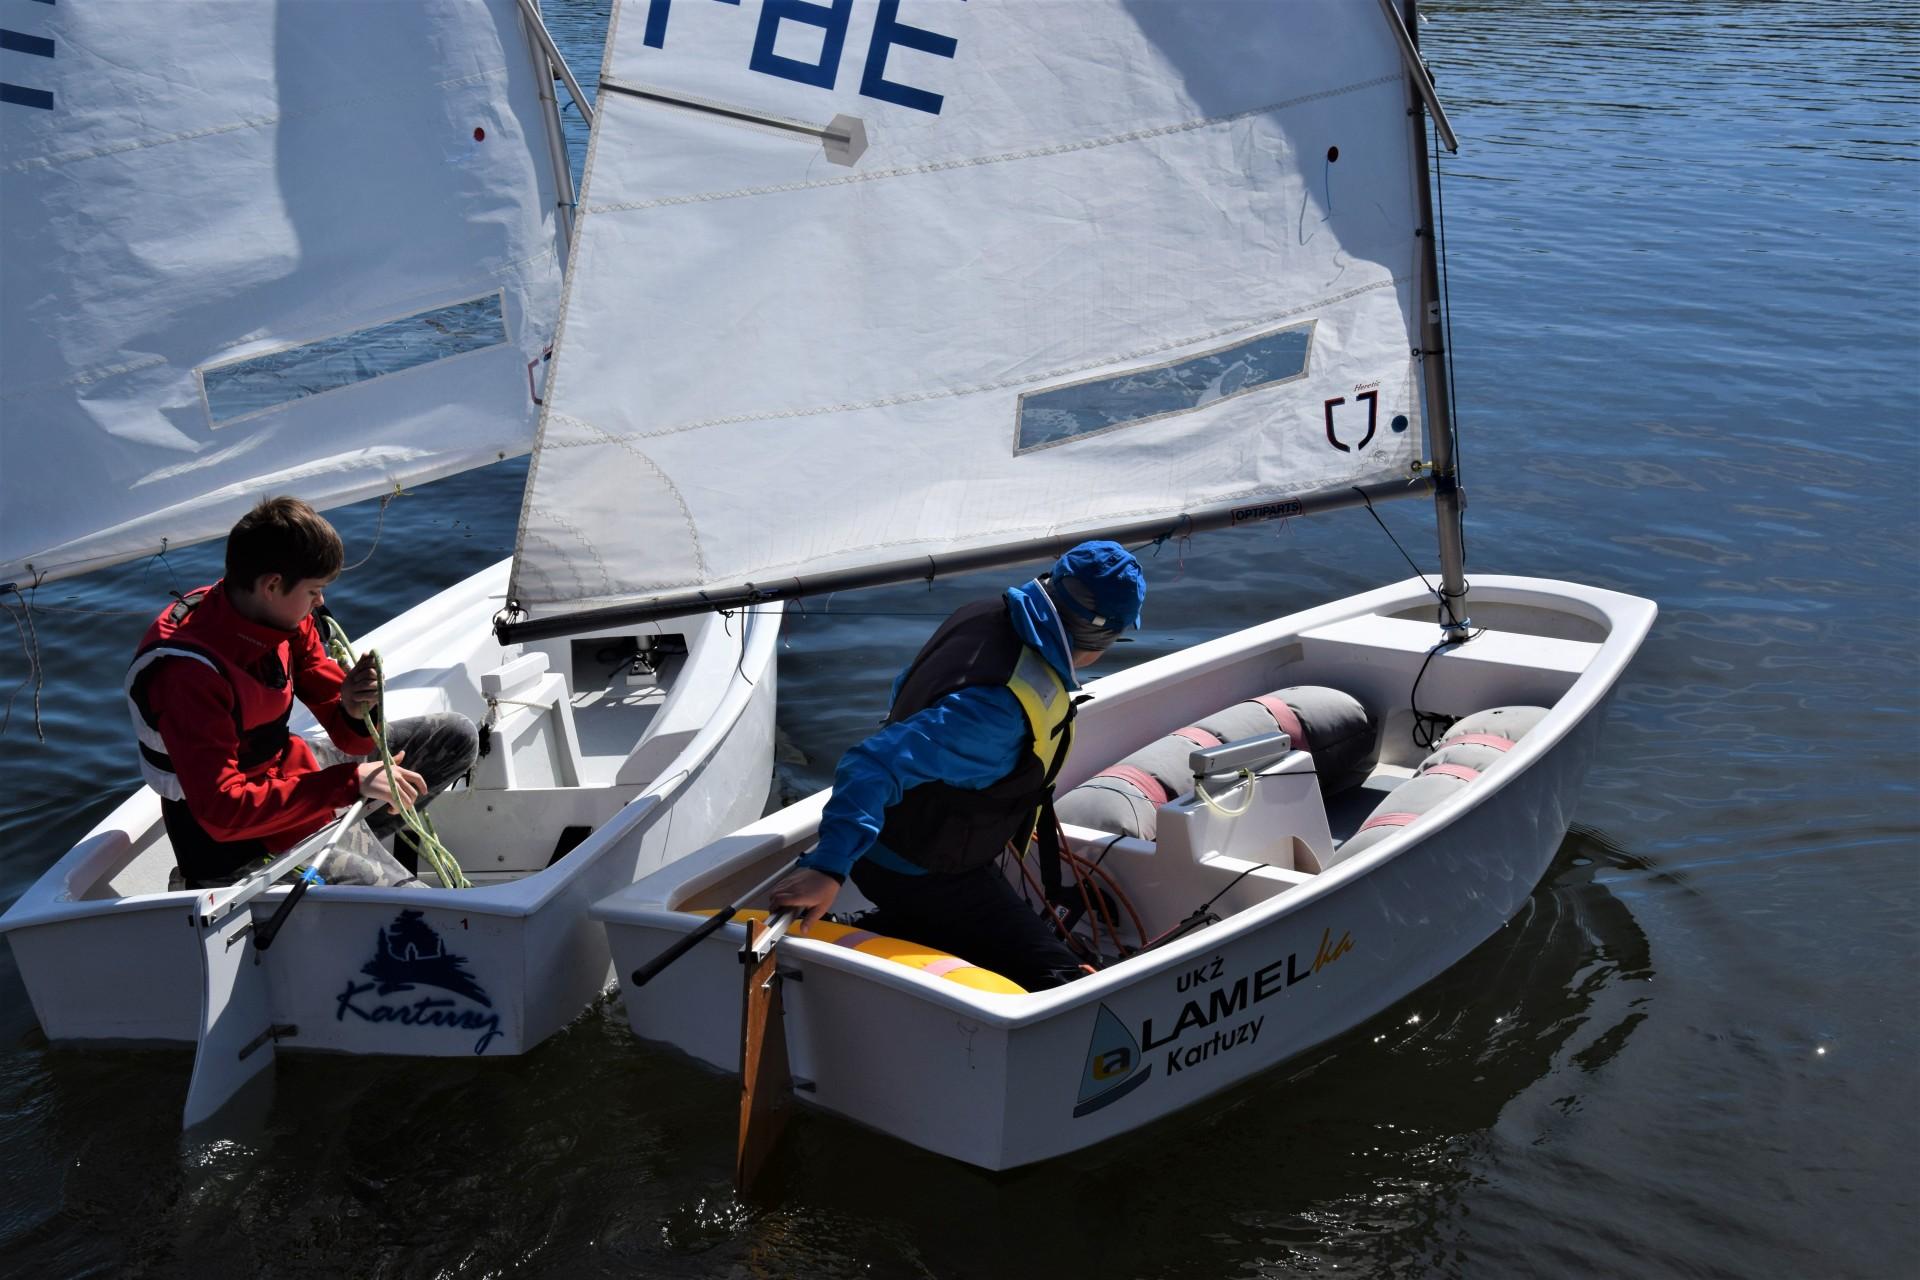 Żagle na Kaszubach. Dzieciaki na łódkach [FOTOREPORTAŻ] 6